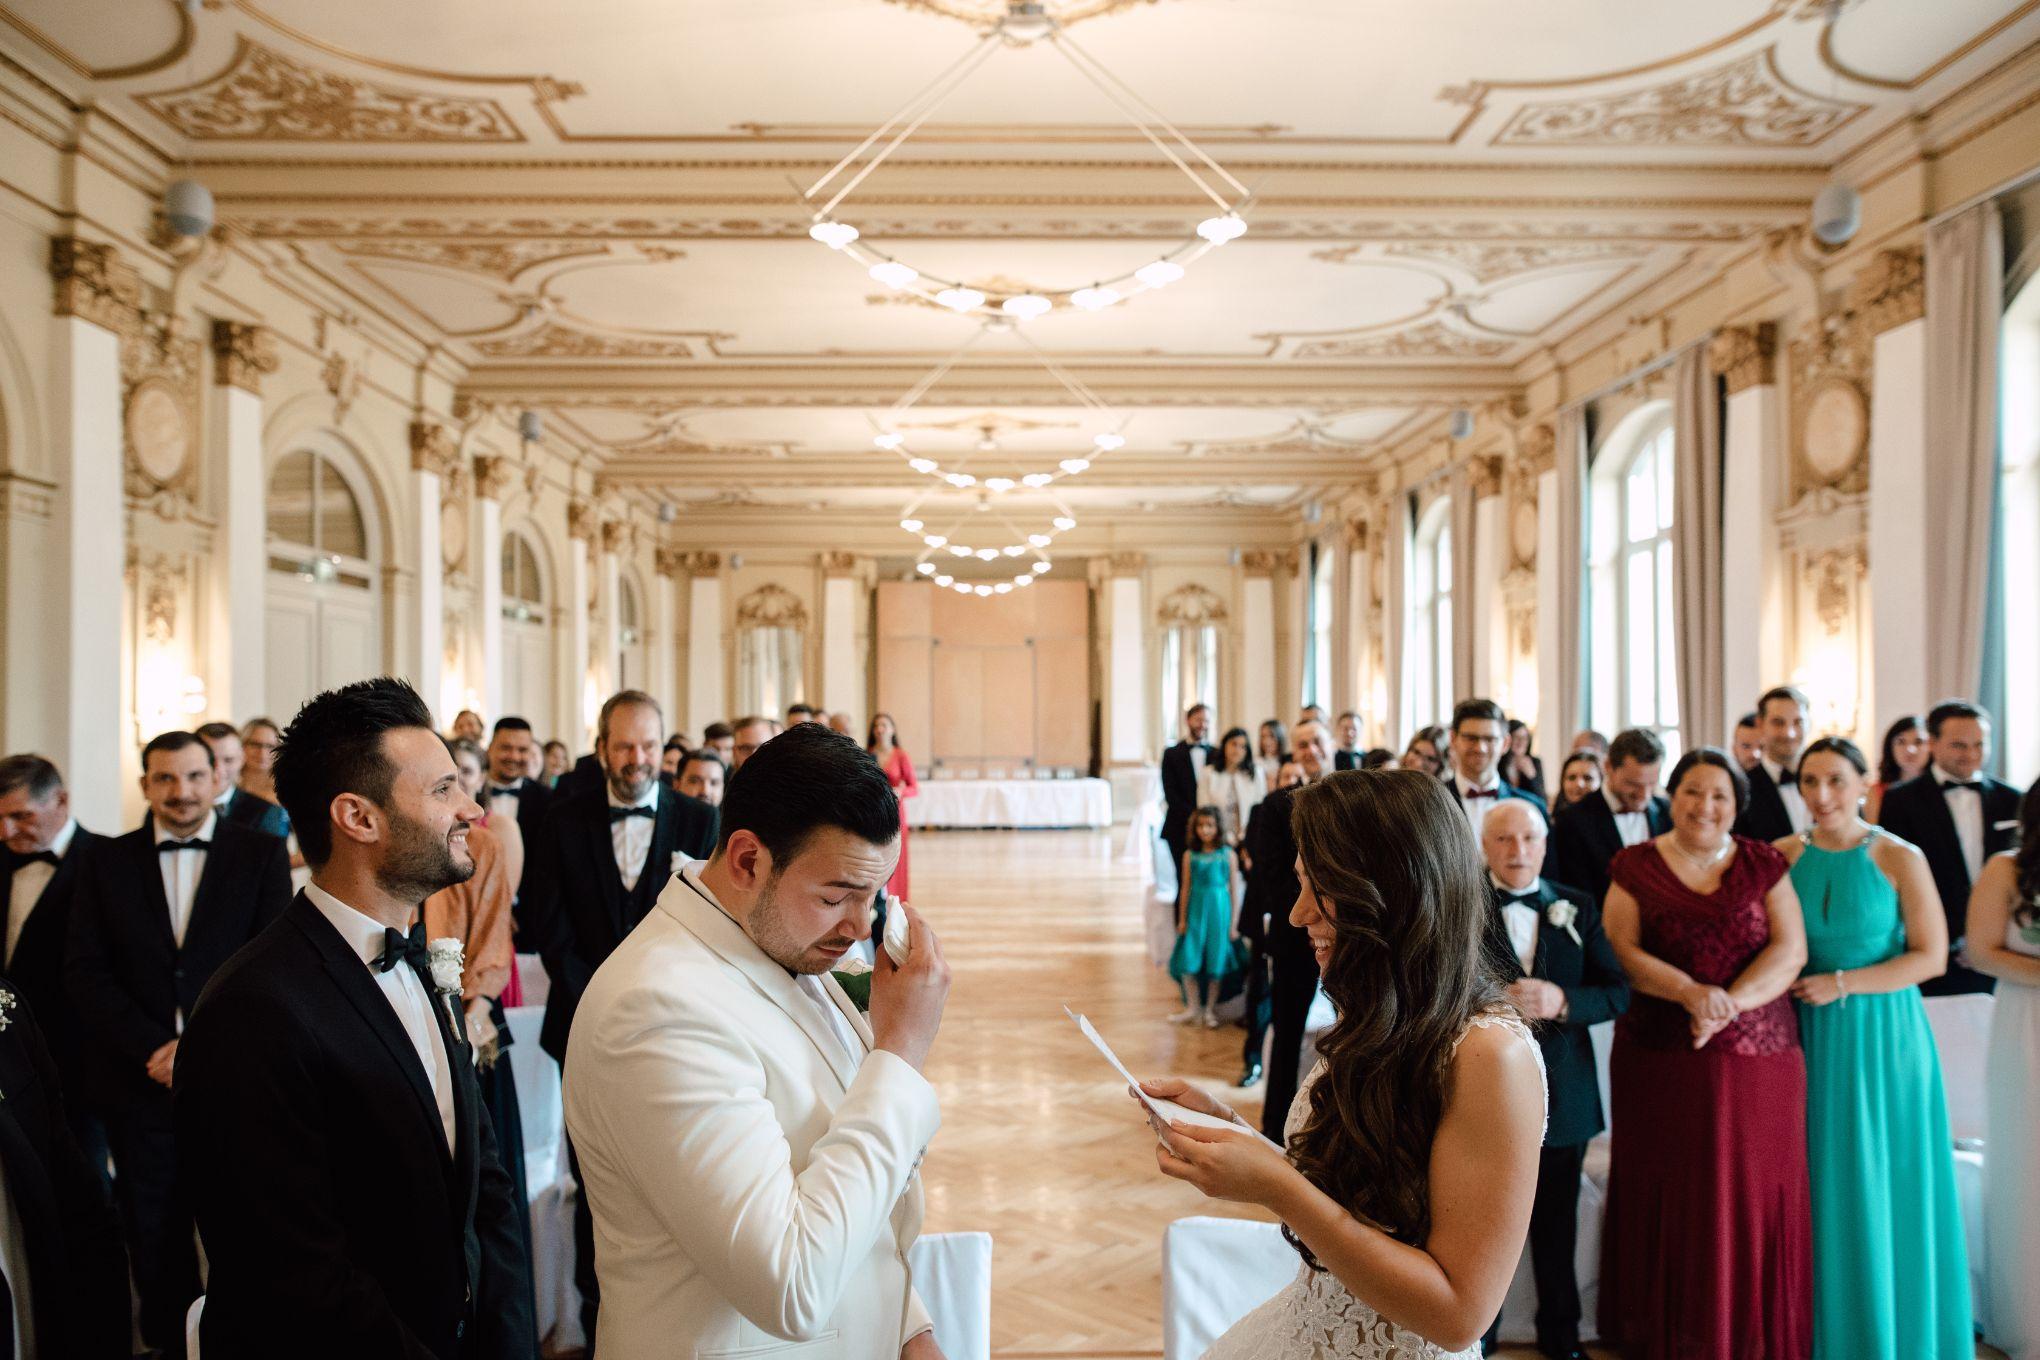 Historische-Stadthalle-Wuppertal-Hochzeit-The-Saums-KN-3-112.jpg